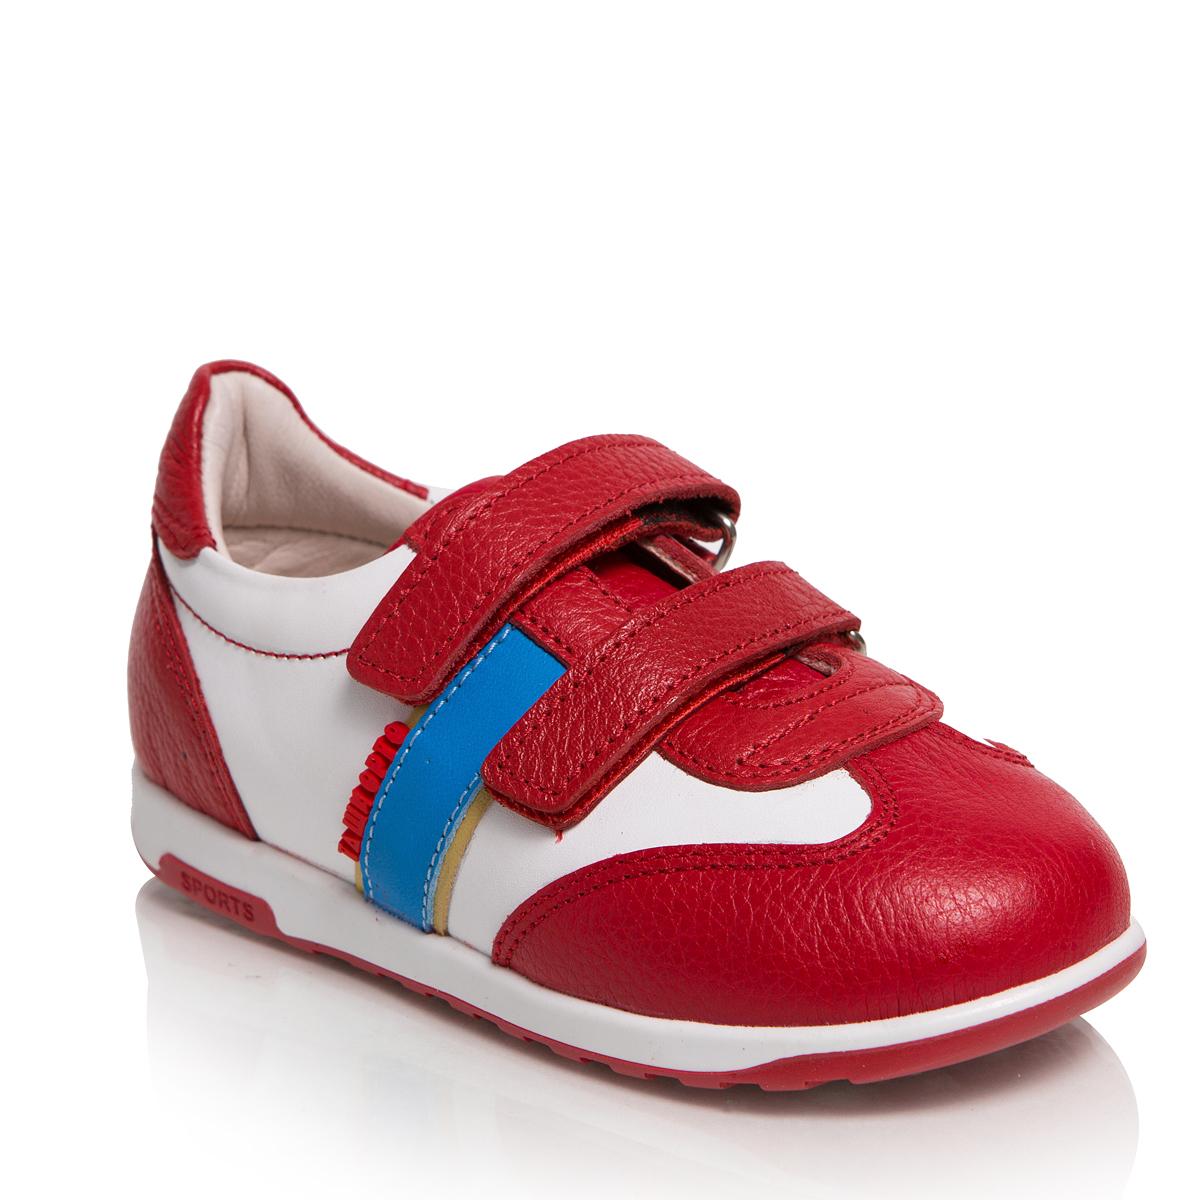 Кроссовки для девочек. 271-08271-08ТАШИ ОРТО - детская профилактическая ортопедическая обувь массового производства. Ее можно носить не только детям с признаками плоскостопия и косолапия , но и для профилактики подобных отклонений. А многим детям ортопедическая обувь НЕОБХОДИМА для коррекции стопы, исправления походки и осанки.